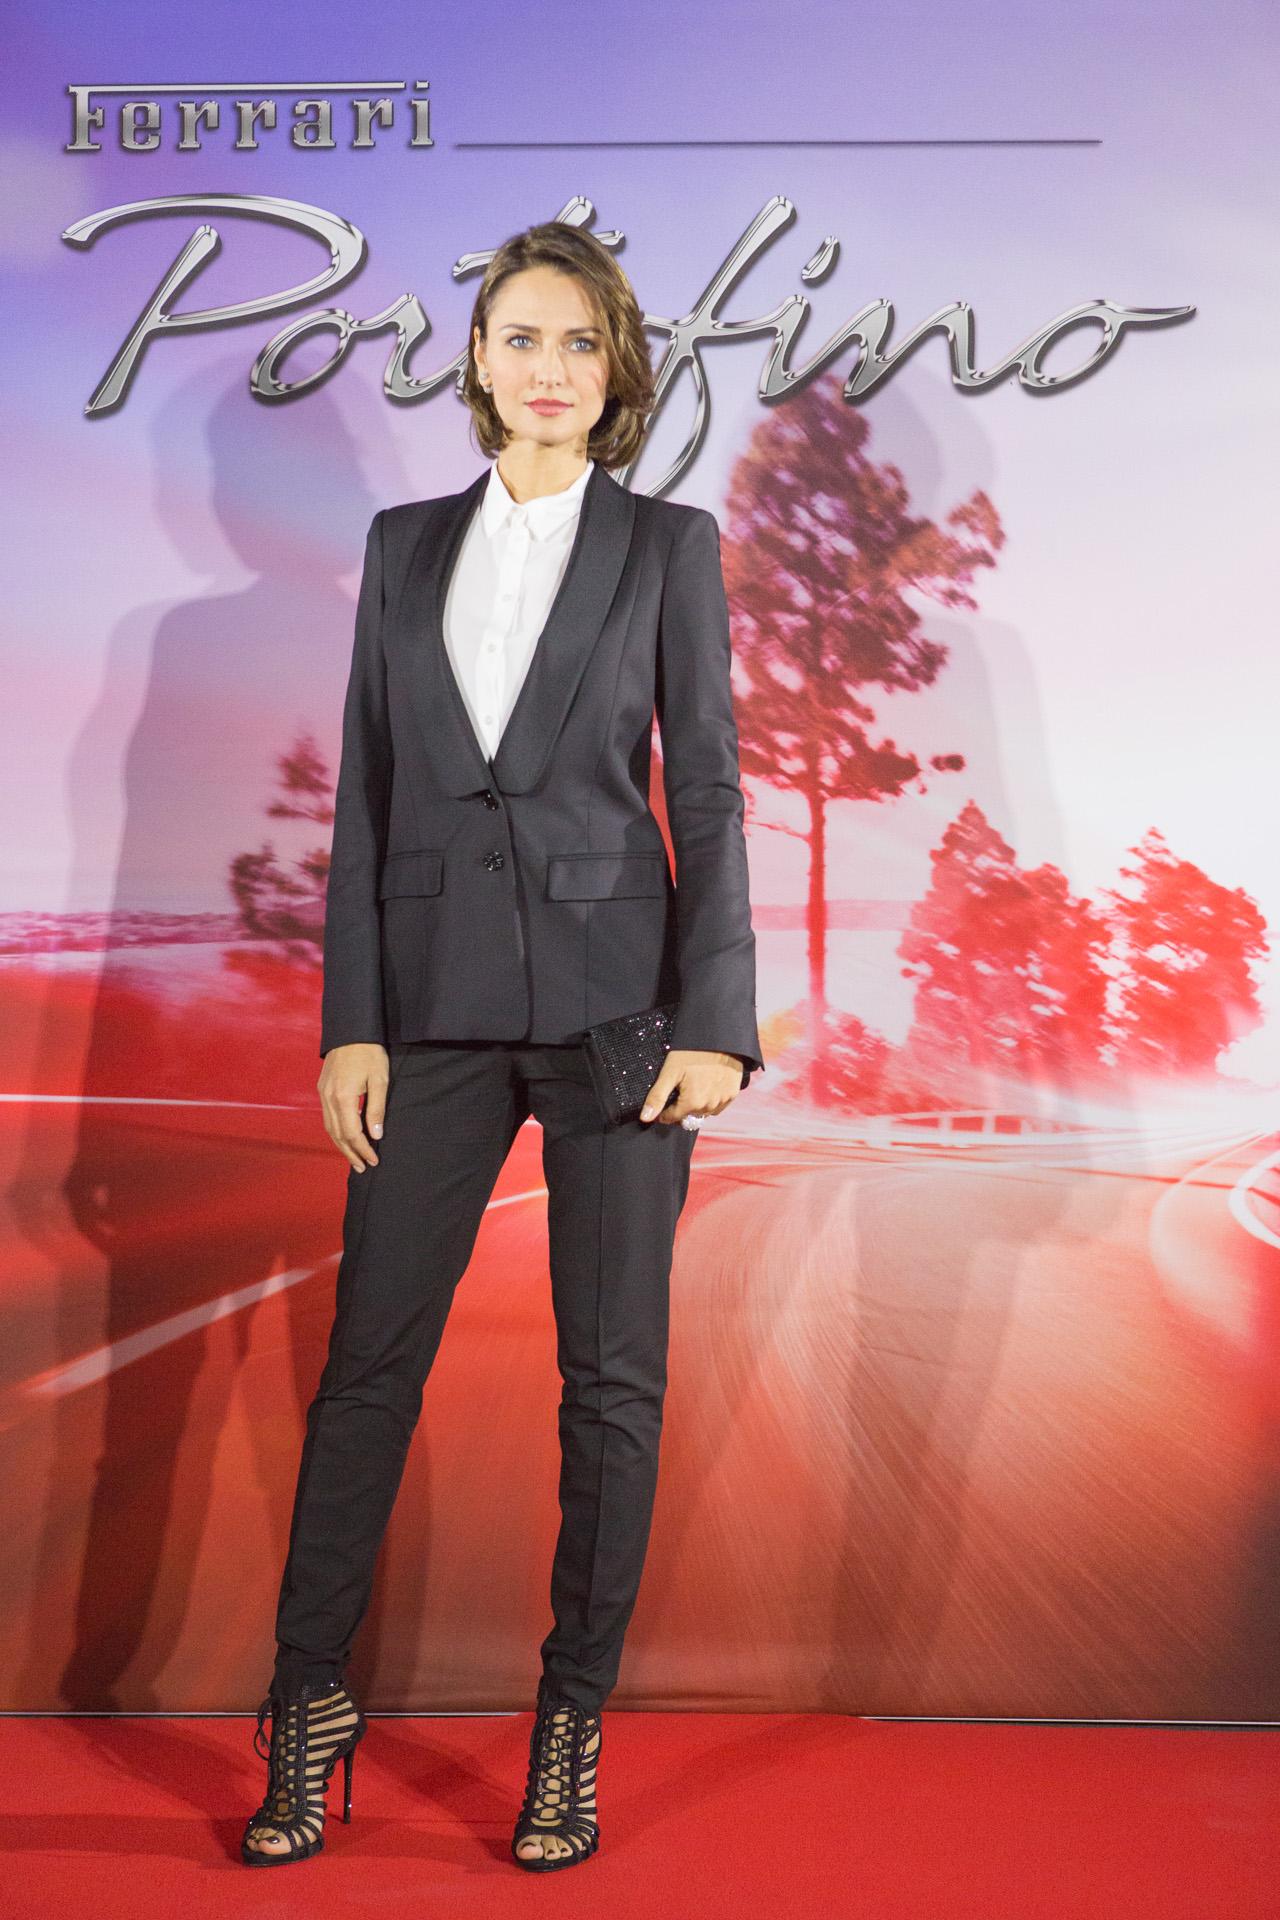 Ospiti all'evento di presentazione della Ferrari Portofino